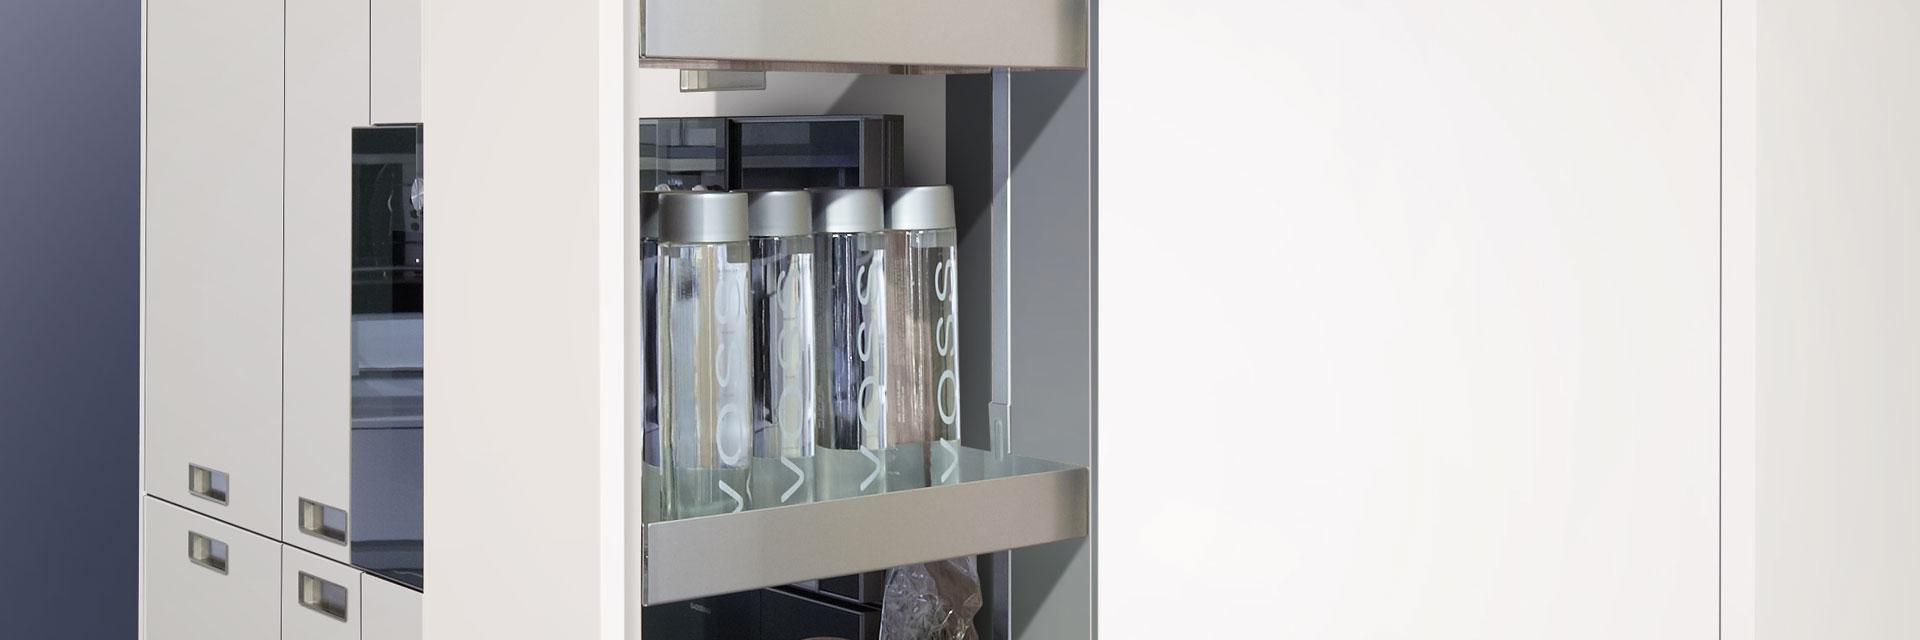 Full Size of Vorteile Apothekerschrank Mbel Und Kchenspa Bei Küche Nolte Schlafzimmer Betten Wohnzimmer Nolte Apothekerschrank